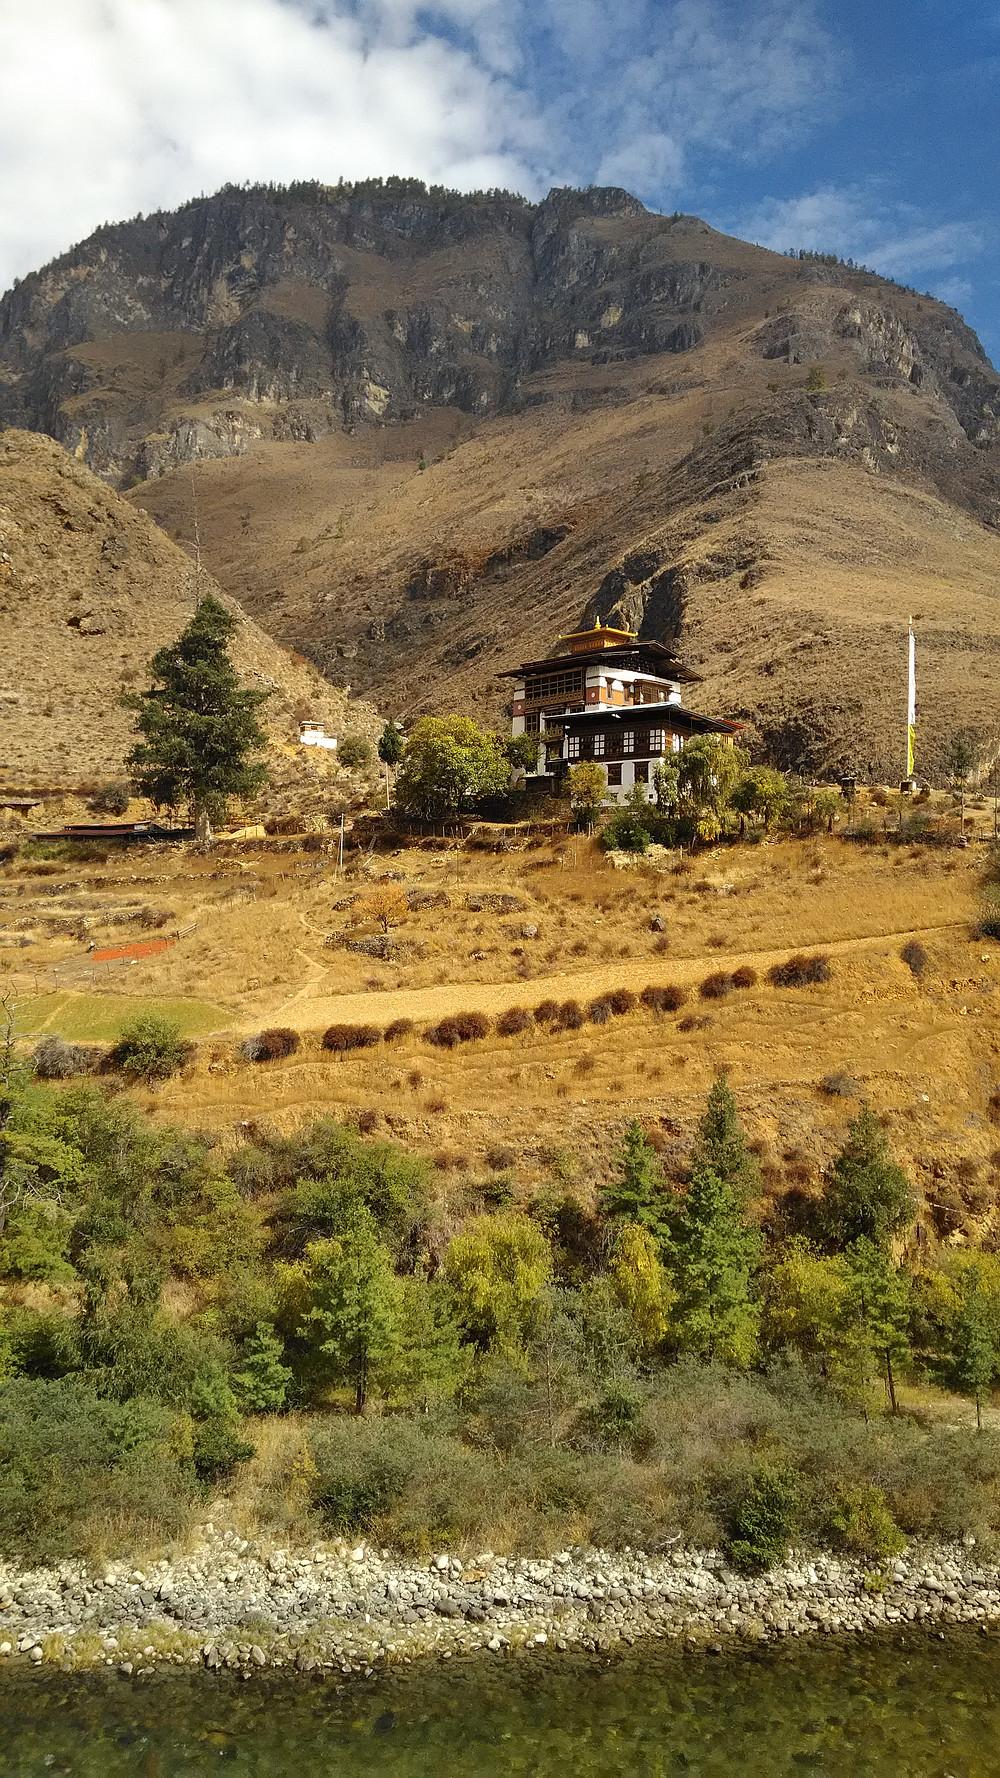 Turistin ei haluta tietävän Bhutanin avioero- ja itsemurhaluvuista, ihmisoikeusrikkomuksista, jäteongelmista, laittomista hakkuista tai salametsästyksestä.